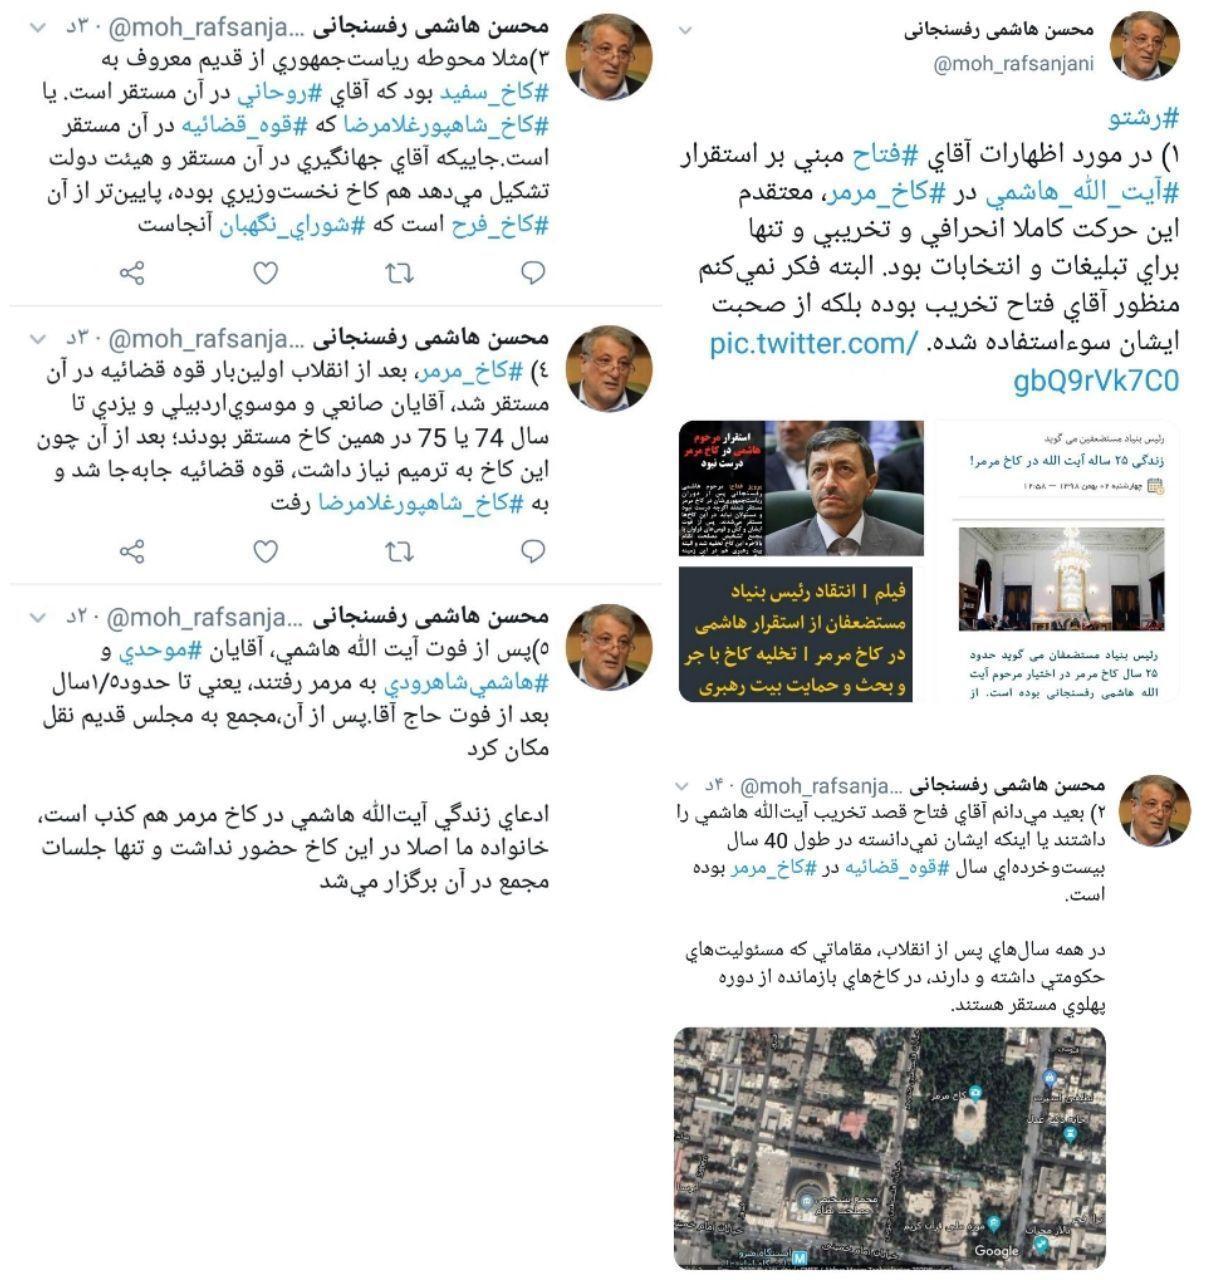 محسن هاشمی: کاخ فرح در اختیار شورای نگهبان است